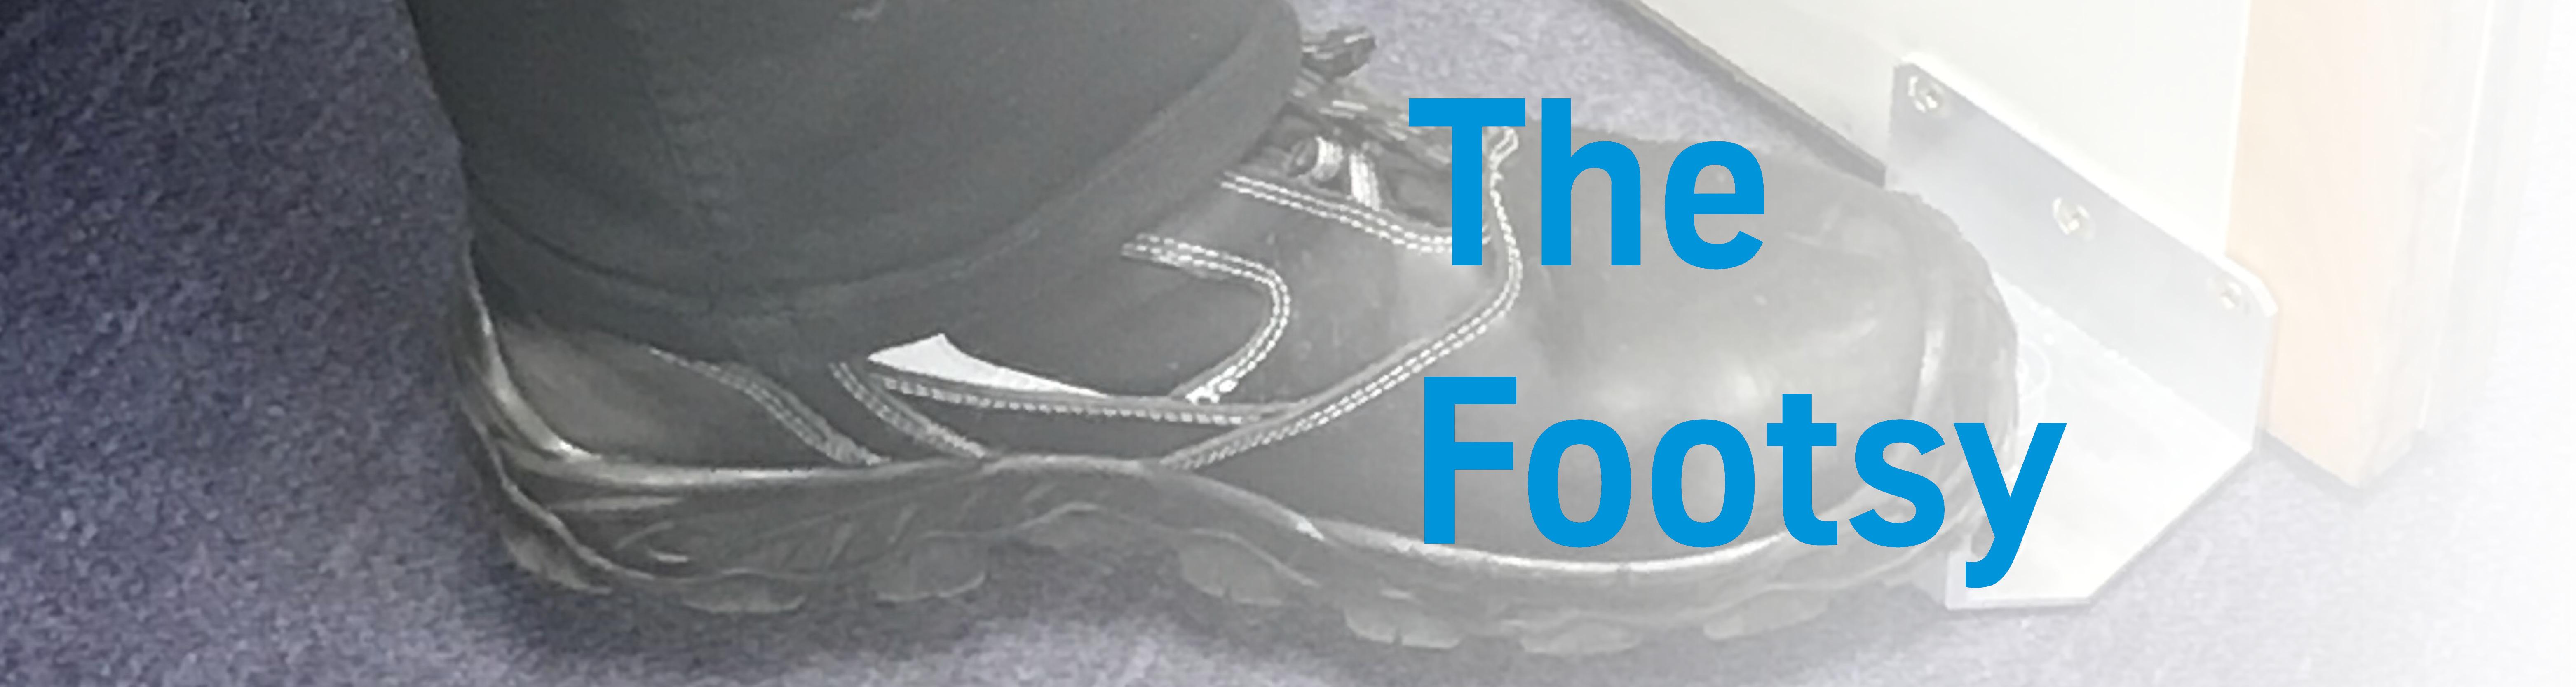 The Footsy